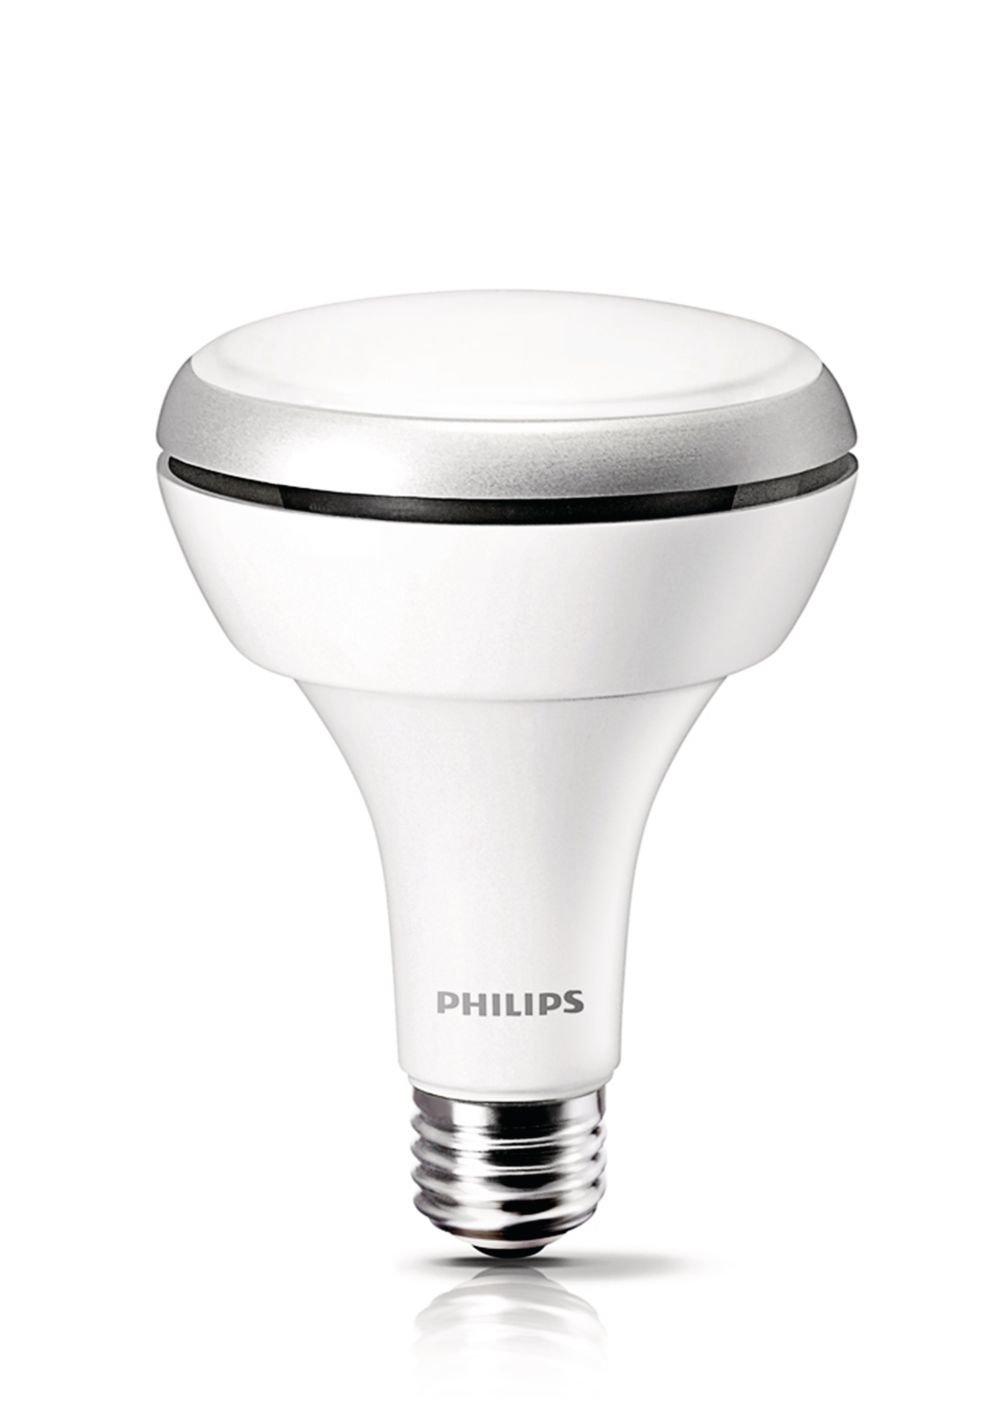 philips 425306 8 5 watt 65 watt br30 indoor daylight. Black Bedroom Furniture Sets. Home Design Ideas